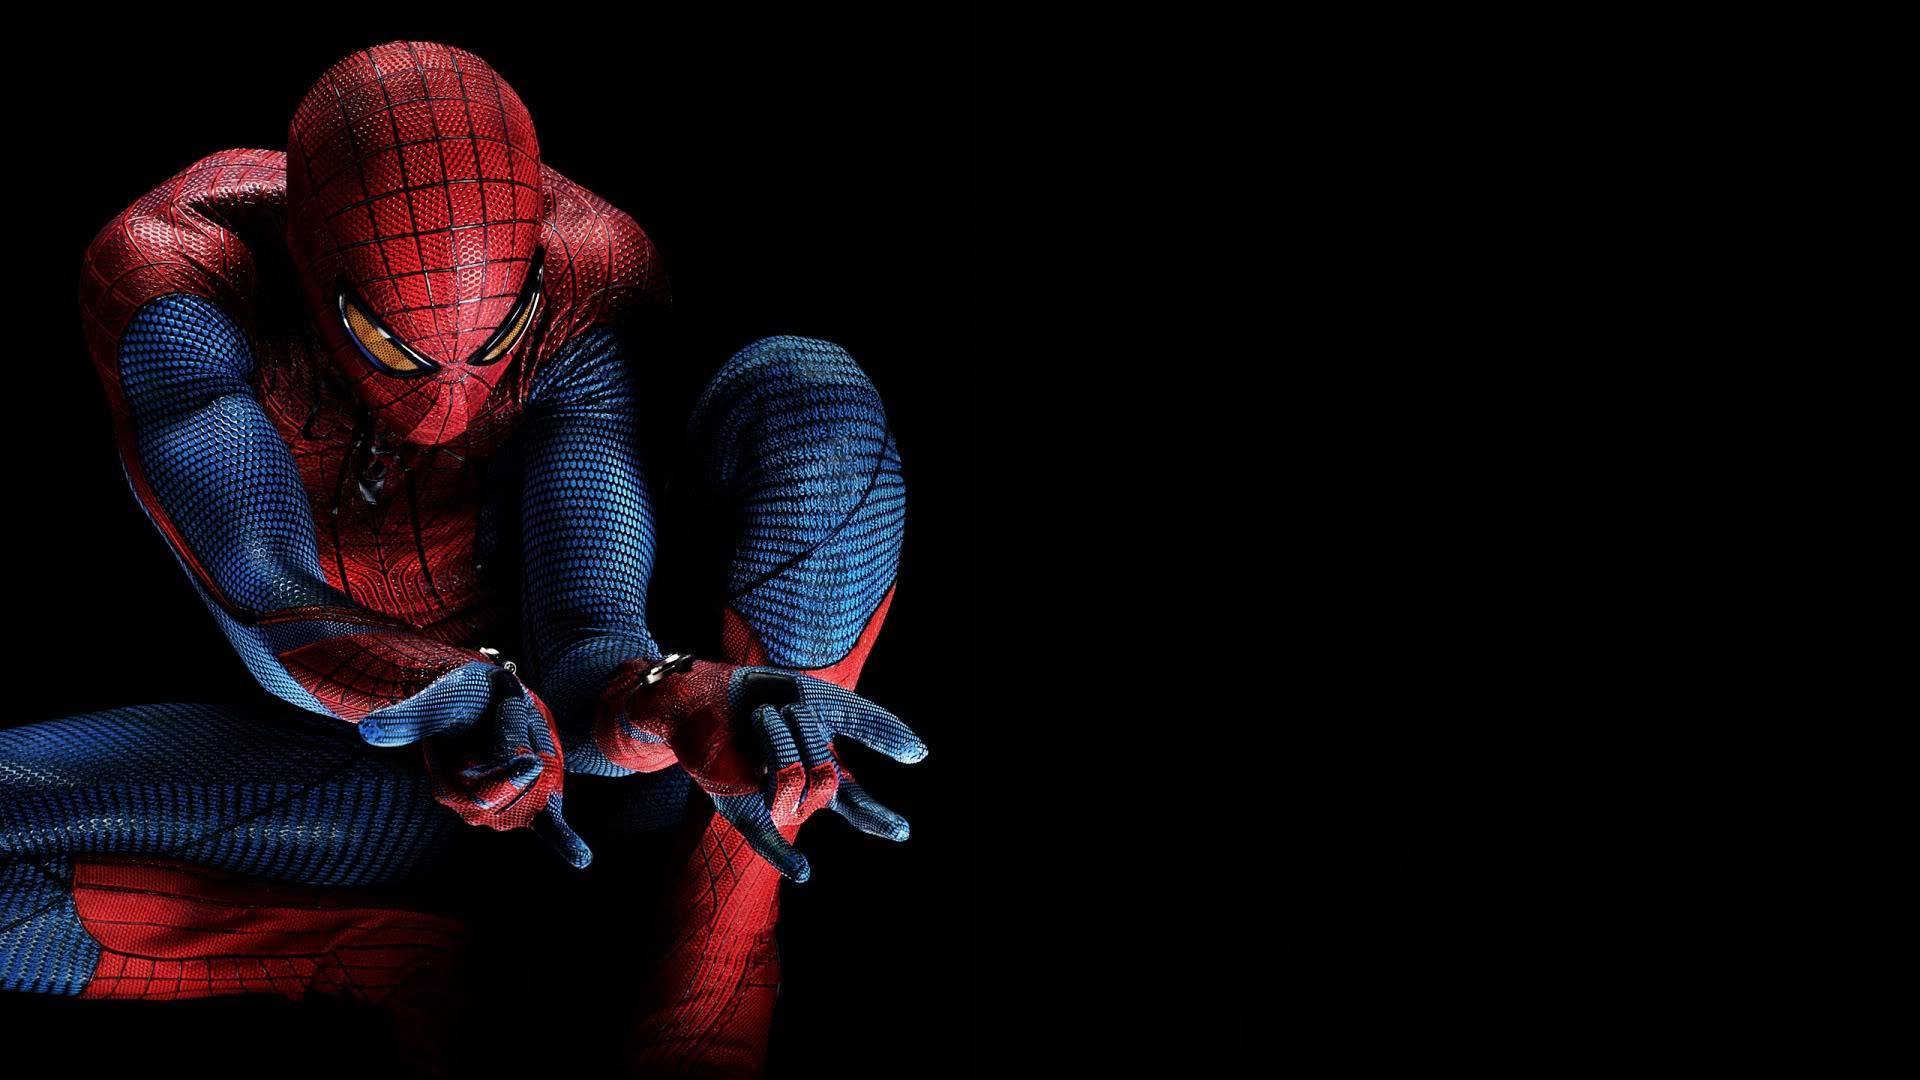 fondos de spiderman fondos de pantalla